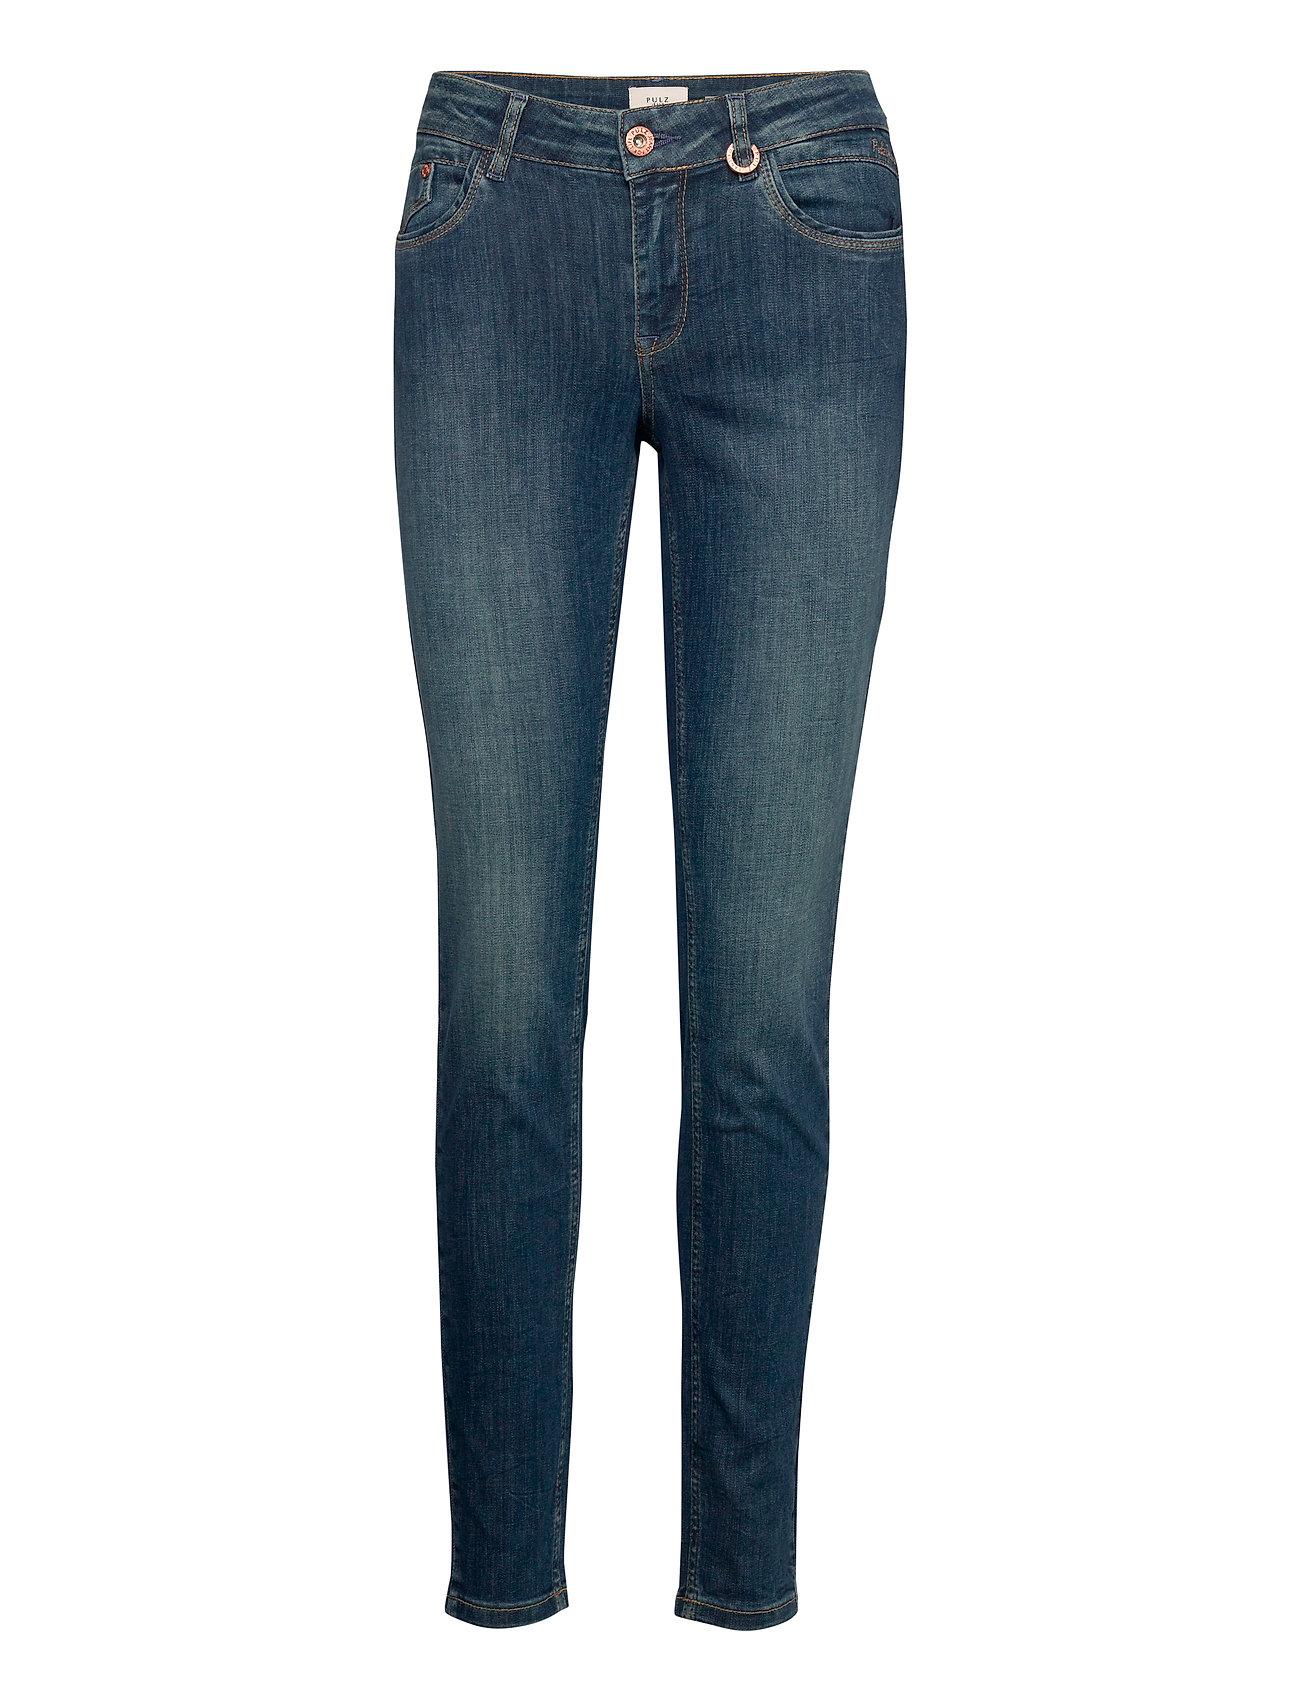 Image of Pzanna Jeans Slim Jeans Blå Pulz Jeans (3441398119)